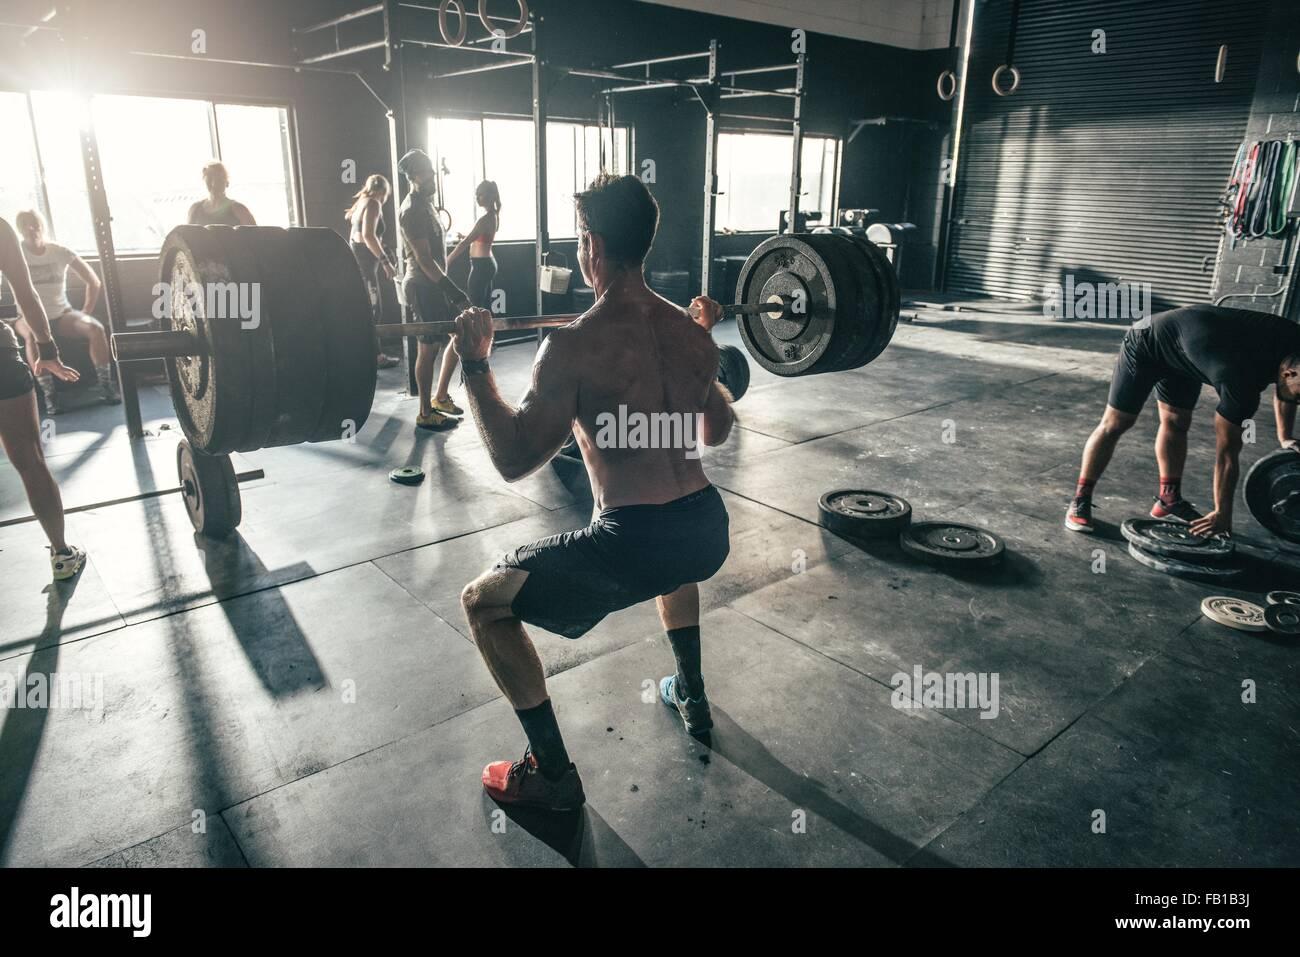 Hombre con formación barbell en gimnasio Imagen De Stock